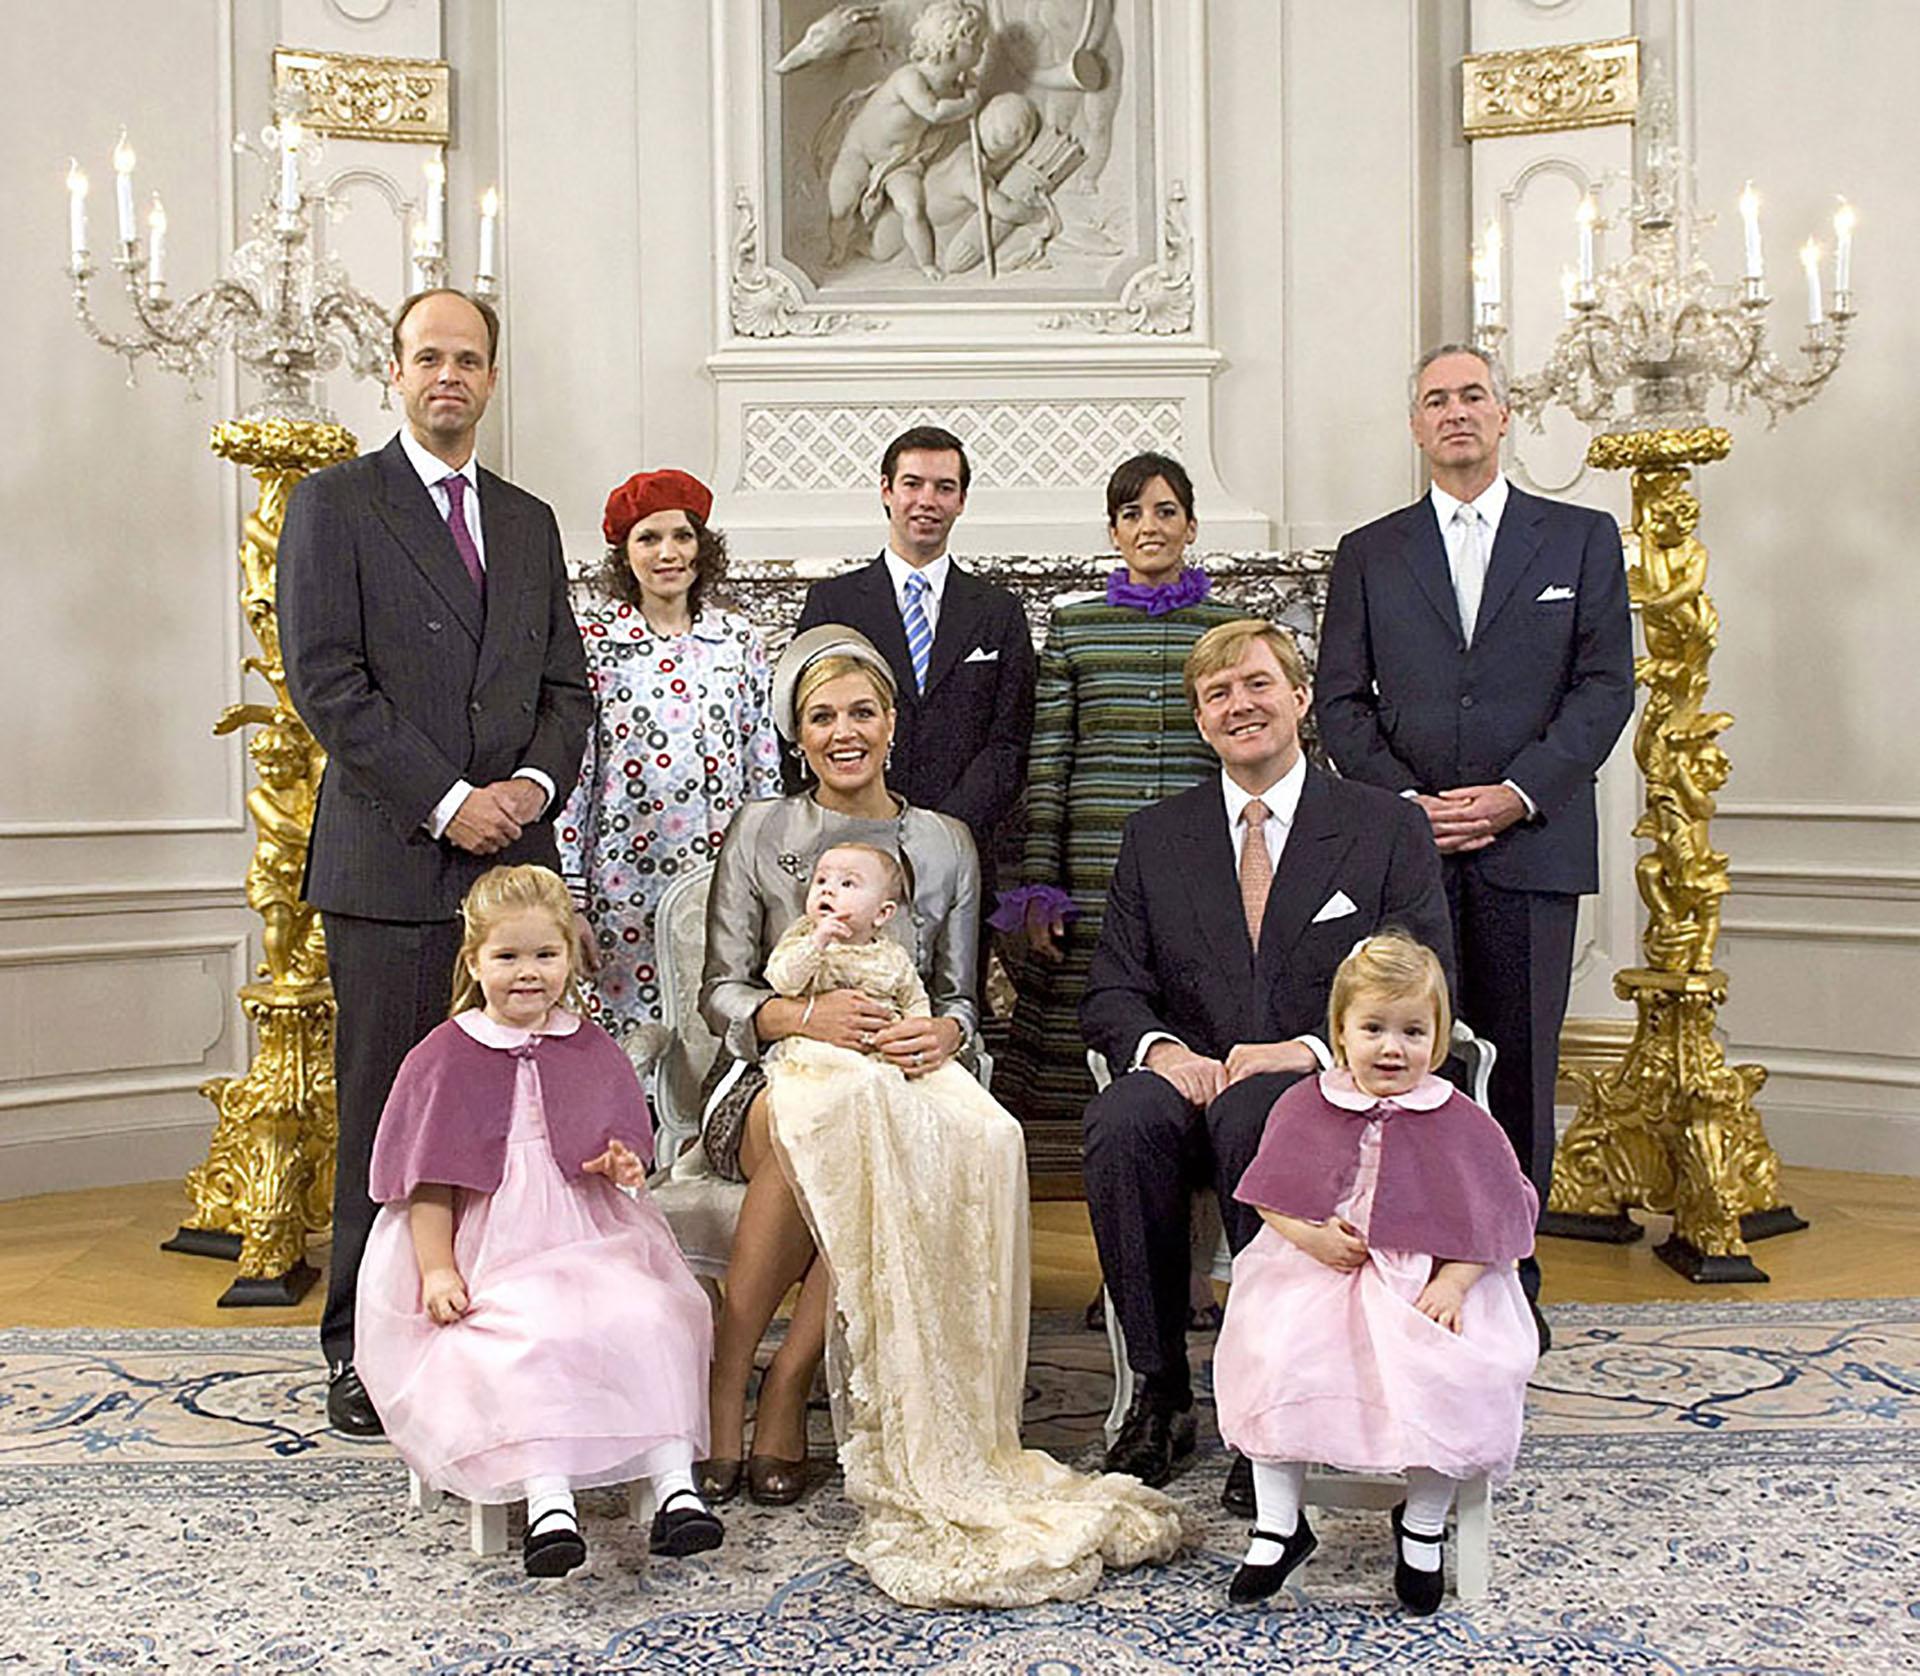 La foto oficial: Máxima, Guillermo, sus tres hijas -Amalia, Alexia y Ariadna- y los padrinos del bautismo